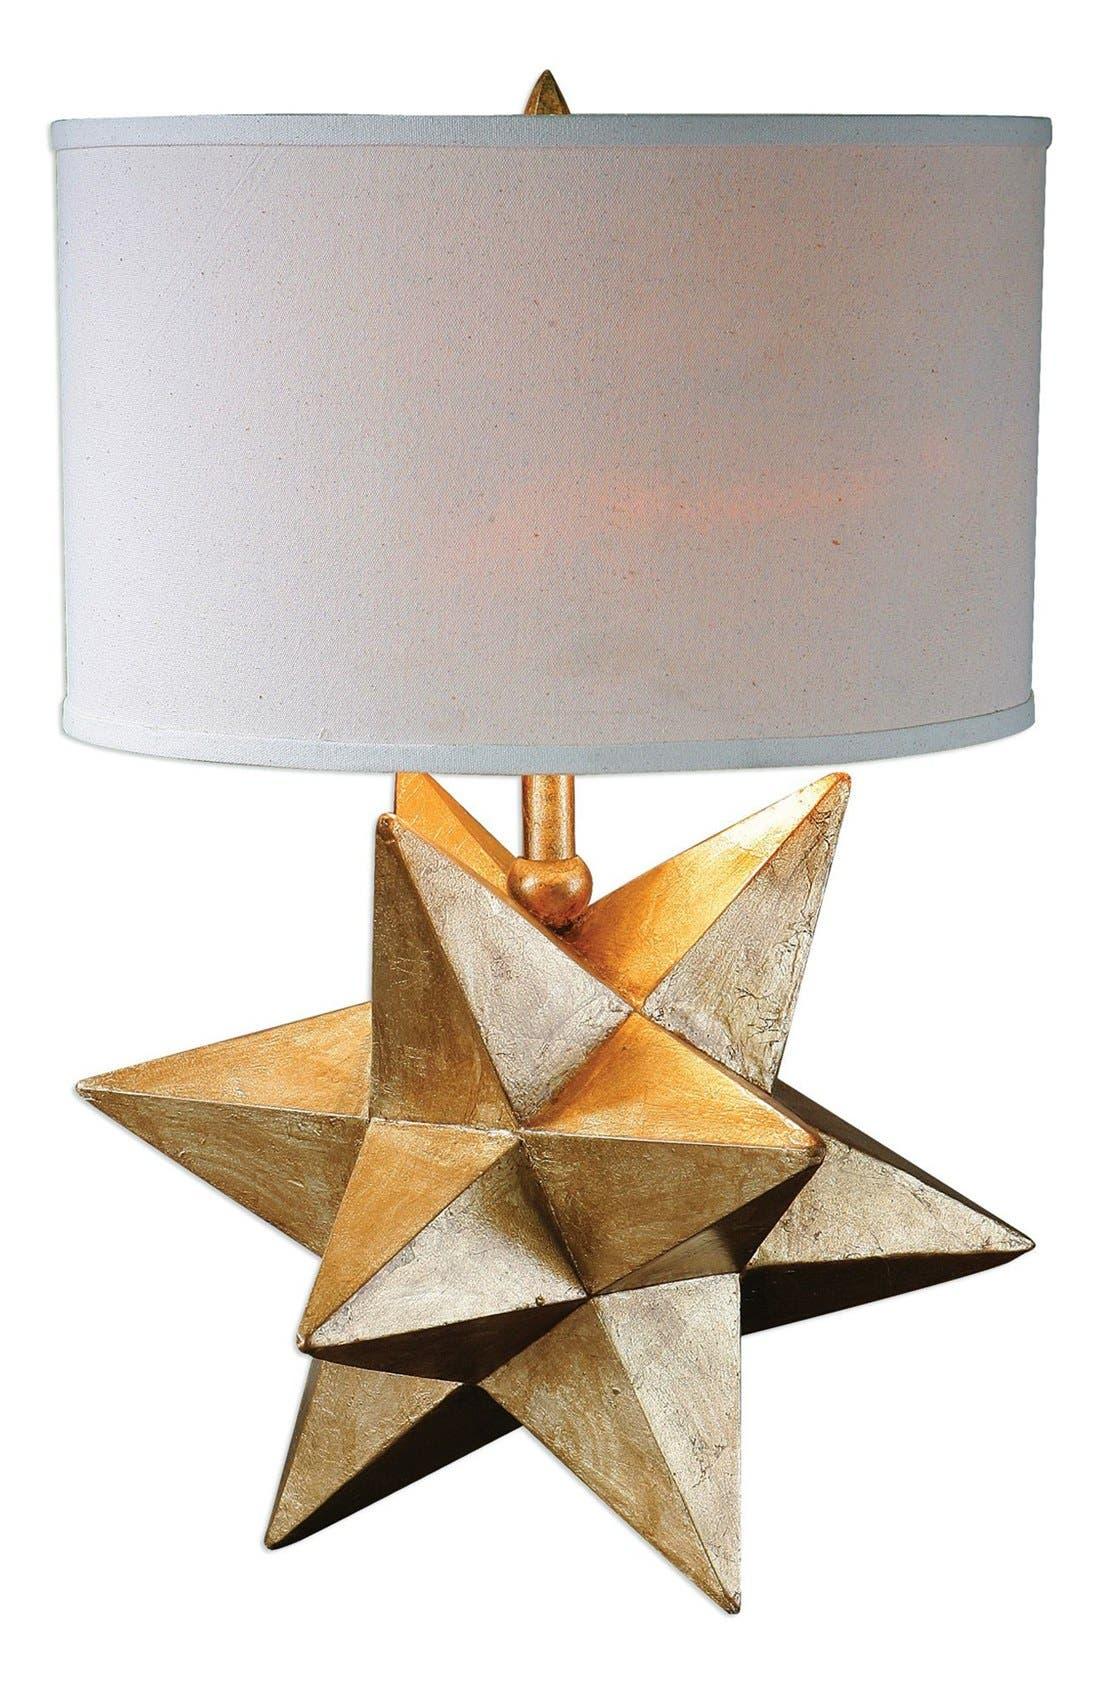 Uttermost 'Starburst' Table Lamp